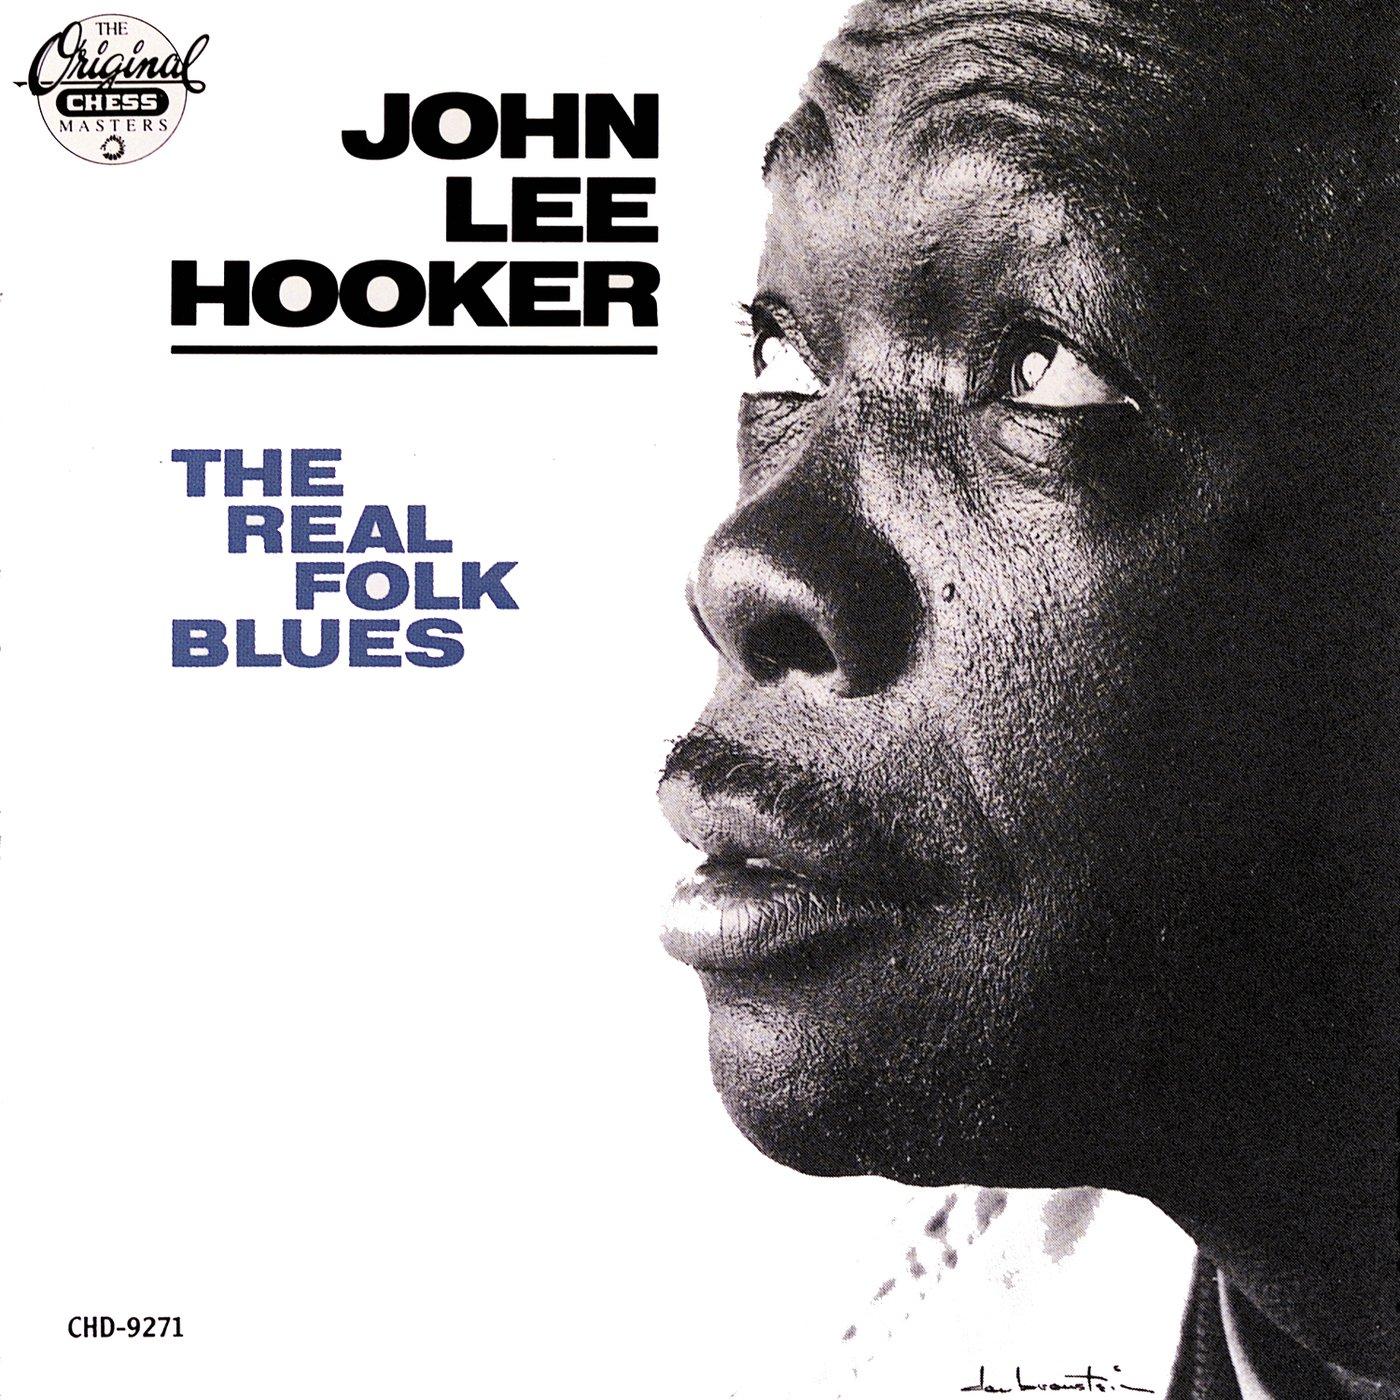 「ジョン・リー・フッカー『The Real Folk Blues」の画像検索結果